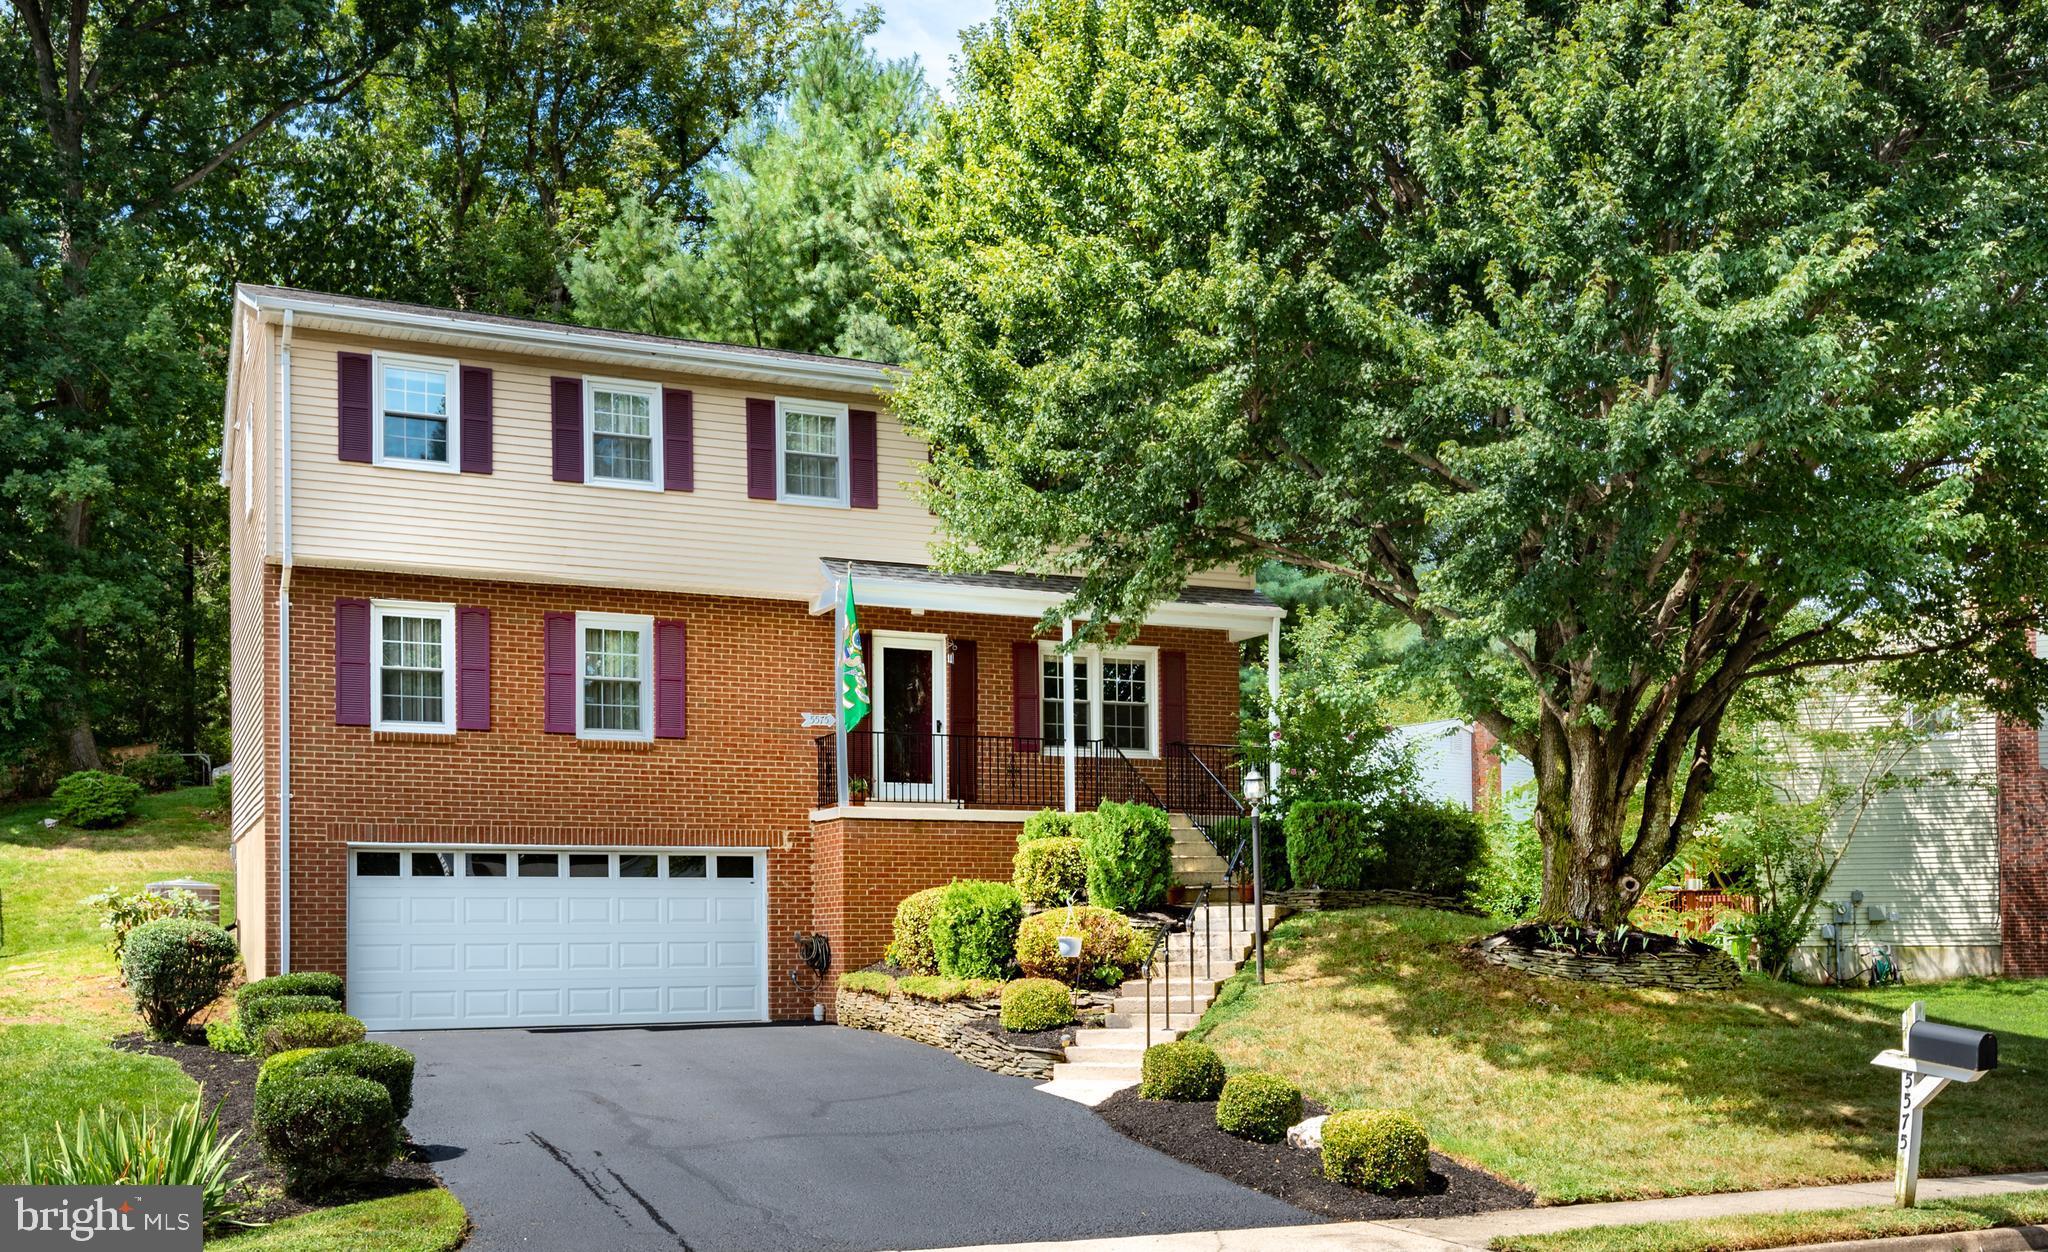 5575 Neddleton Ave, Woodbridge, VA, 22193